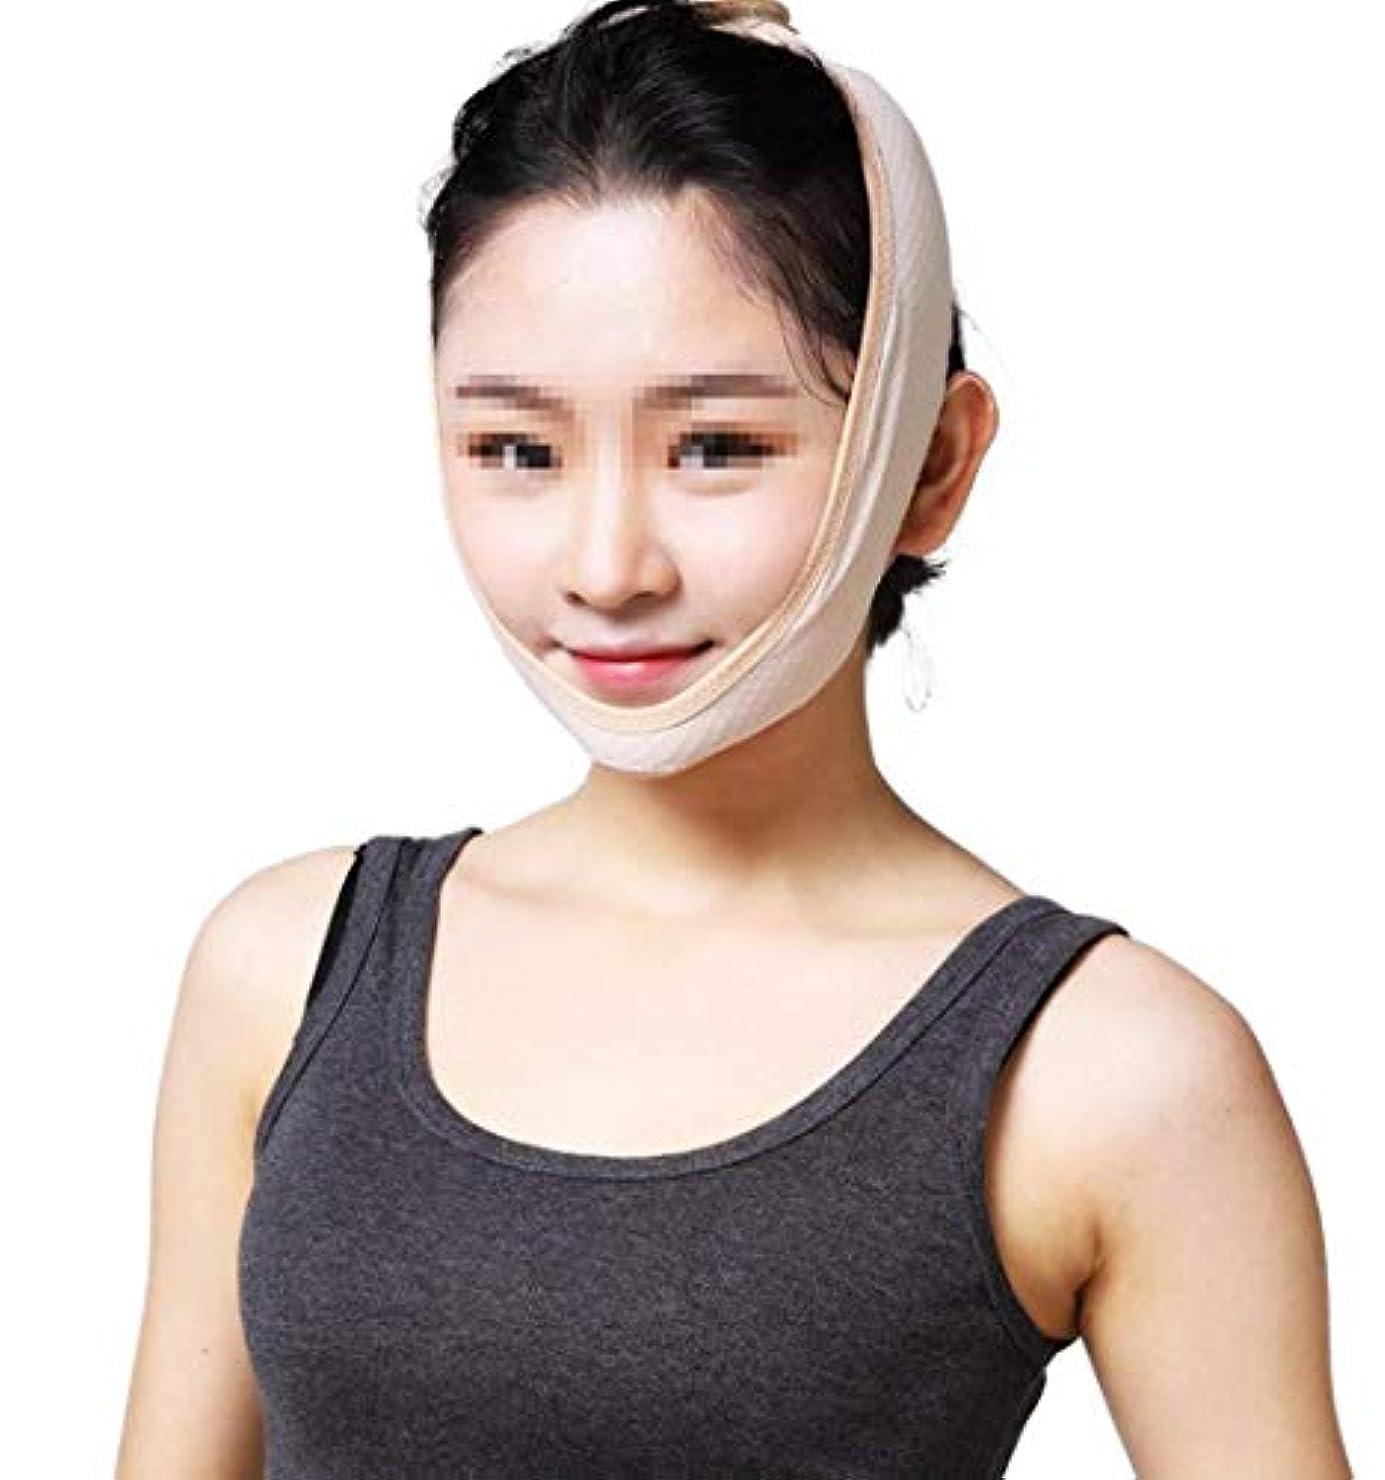 存在午後沿って顔を持ち上げる包帯、口を開けて眠るのを防ぐための女性の通気性のいびきベルトいびきアーティファクトアンチあごの脱臼の修正包帯のいびき装置